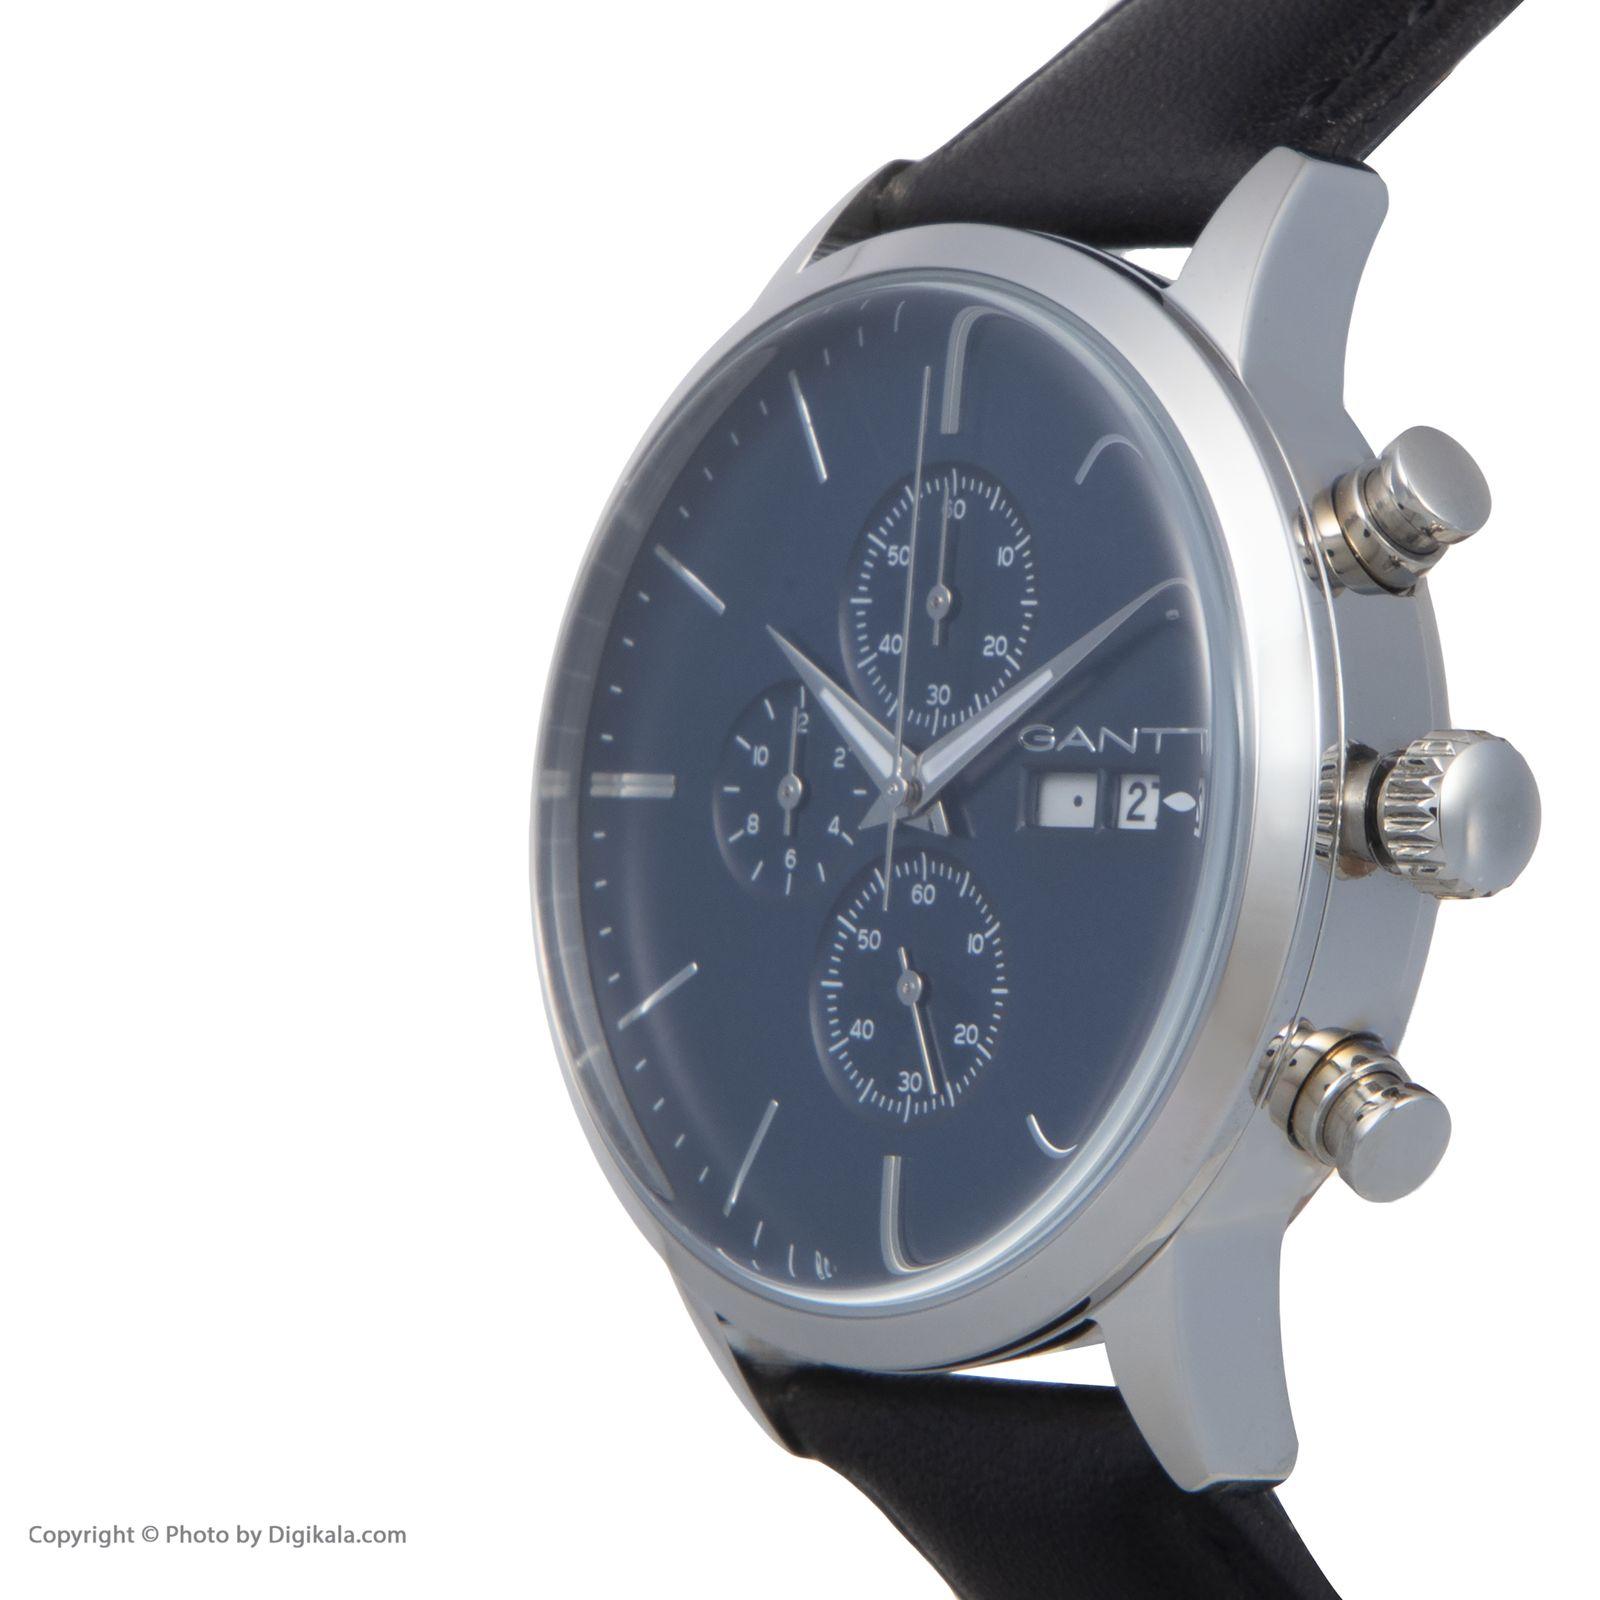 ساعت مچی عقربه ای مردانه گنت مدل GWW063001 -  - 5